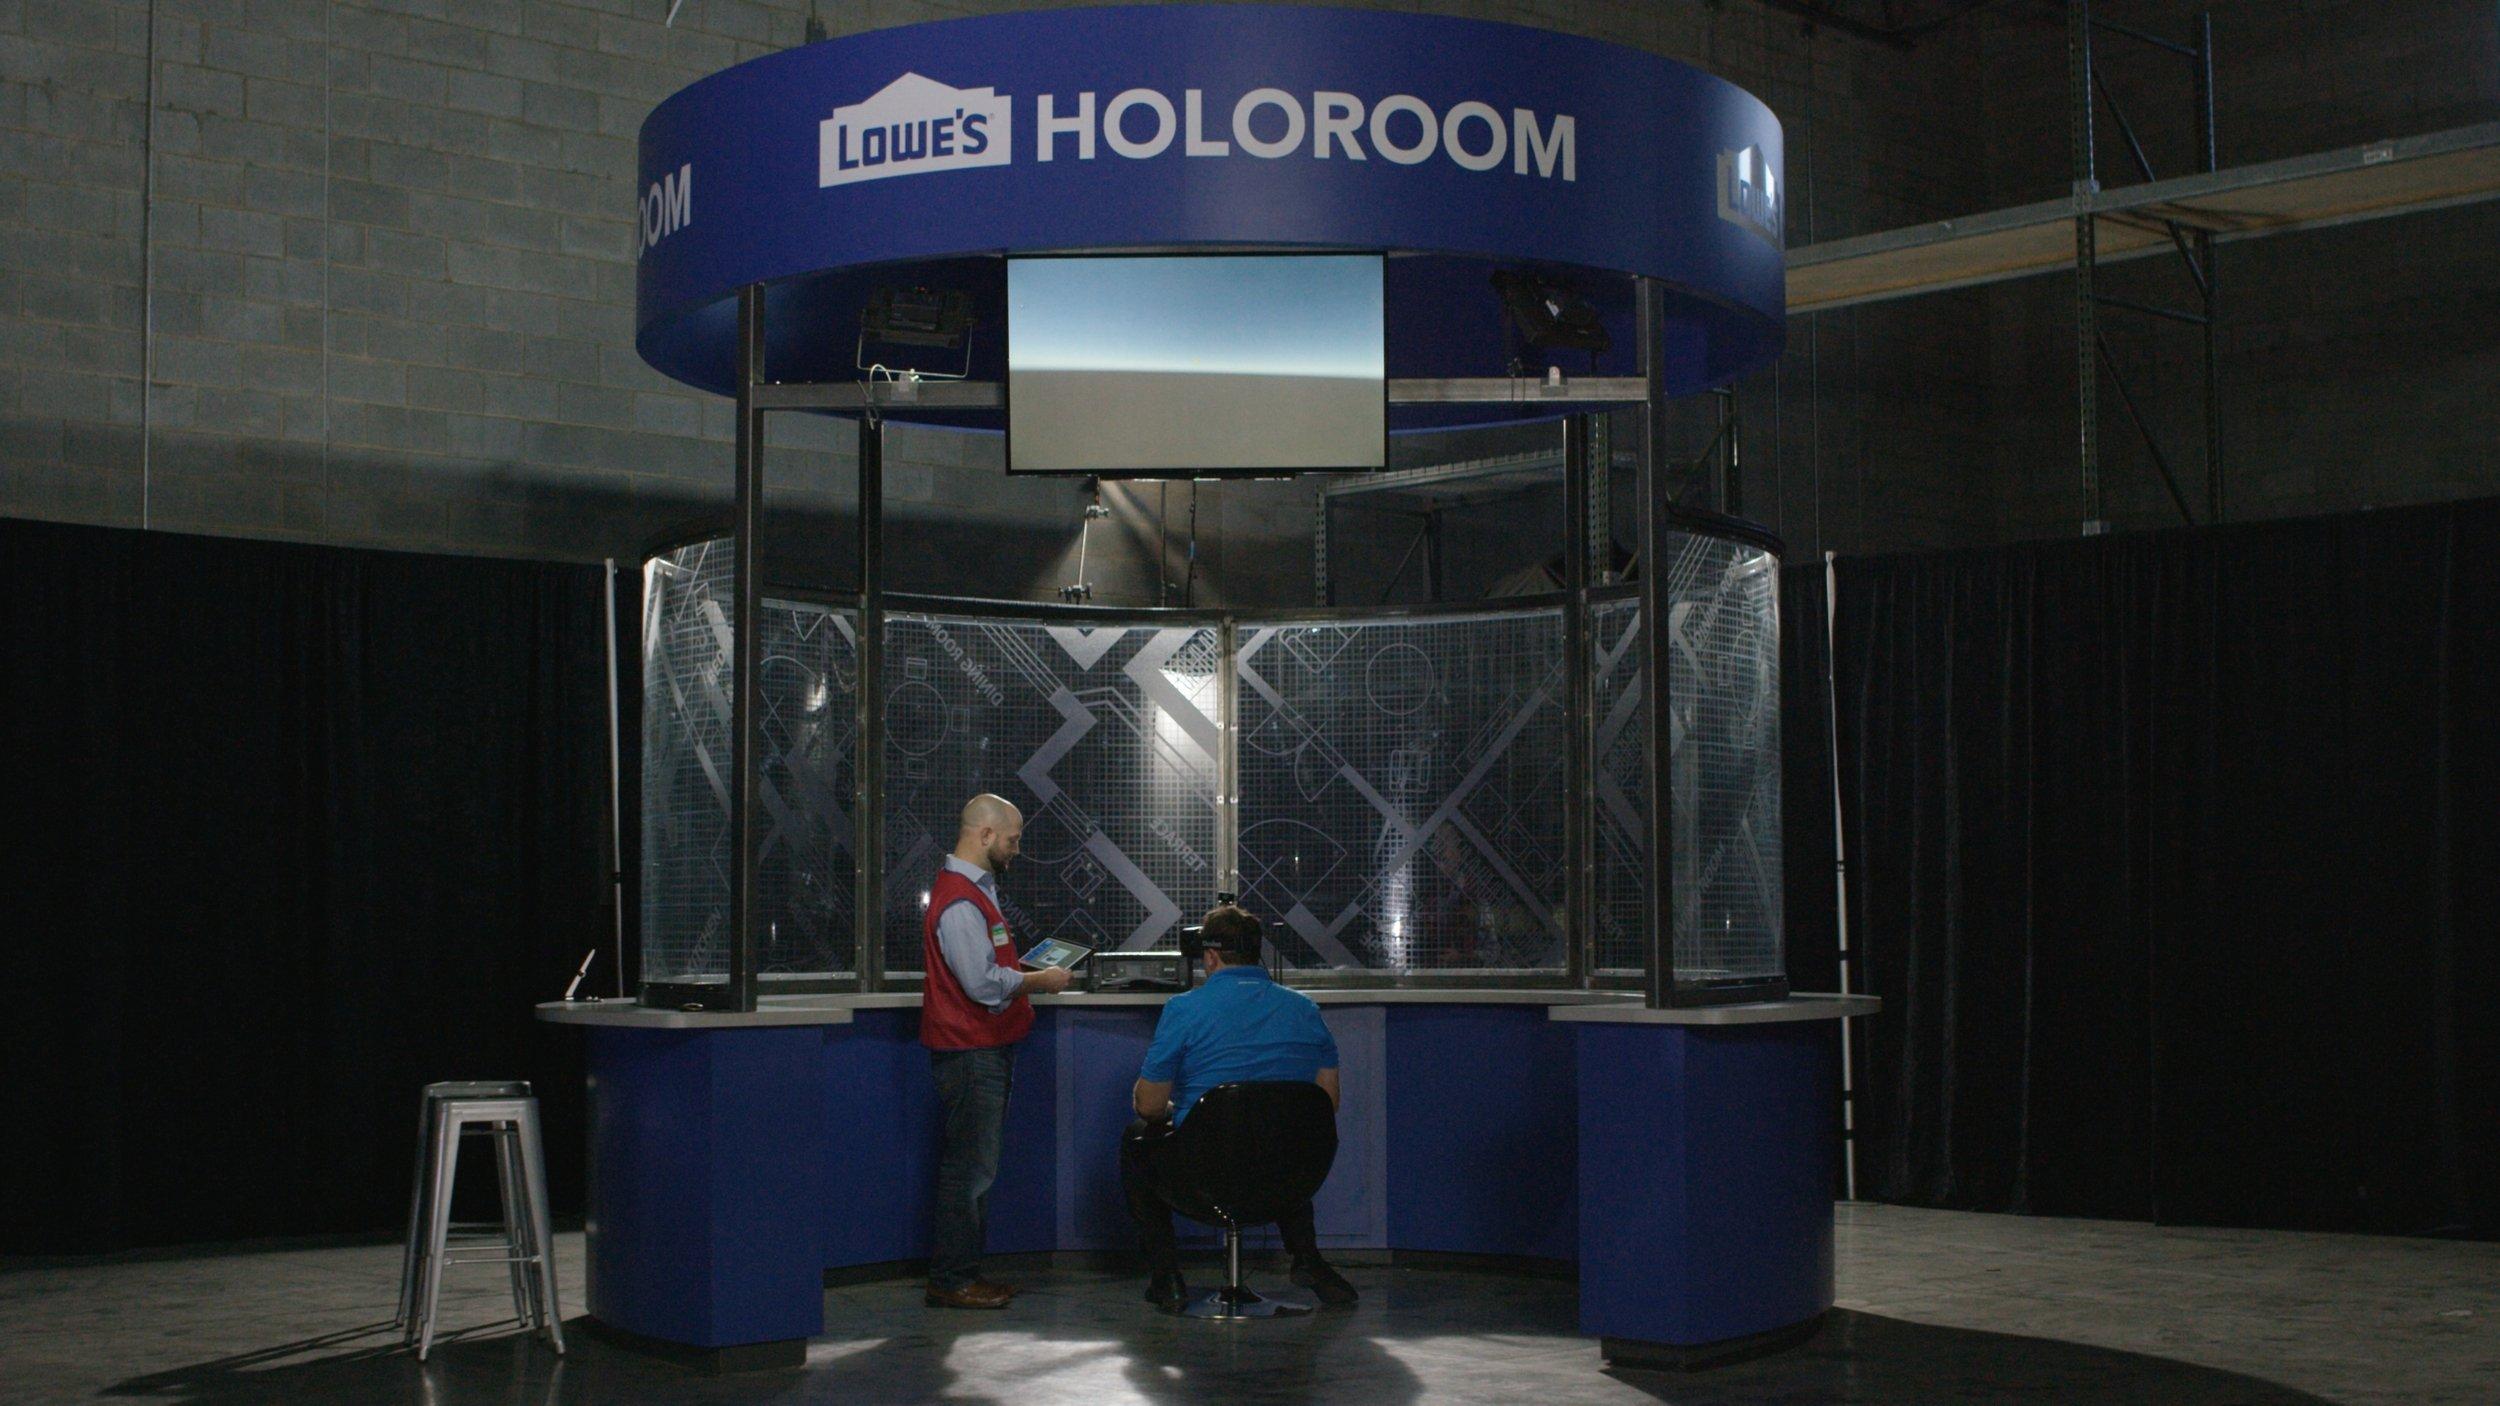 Lowe's Holoroom